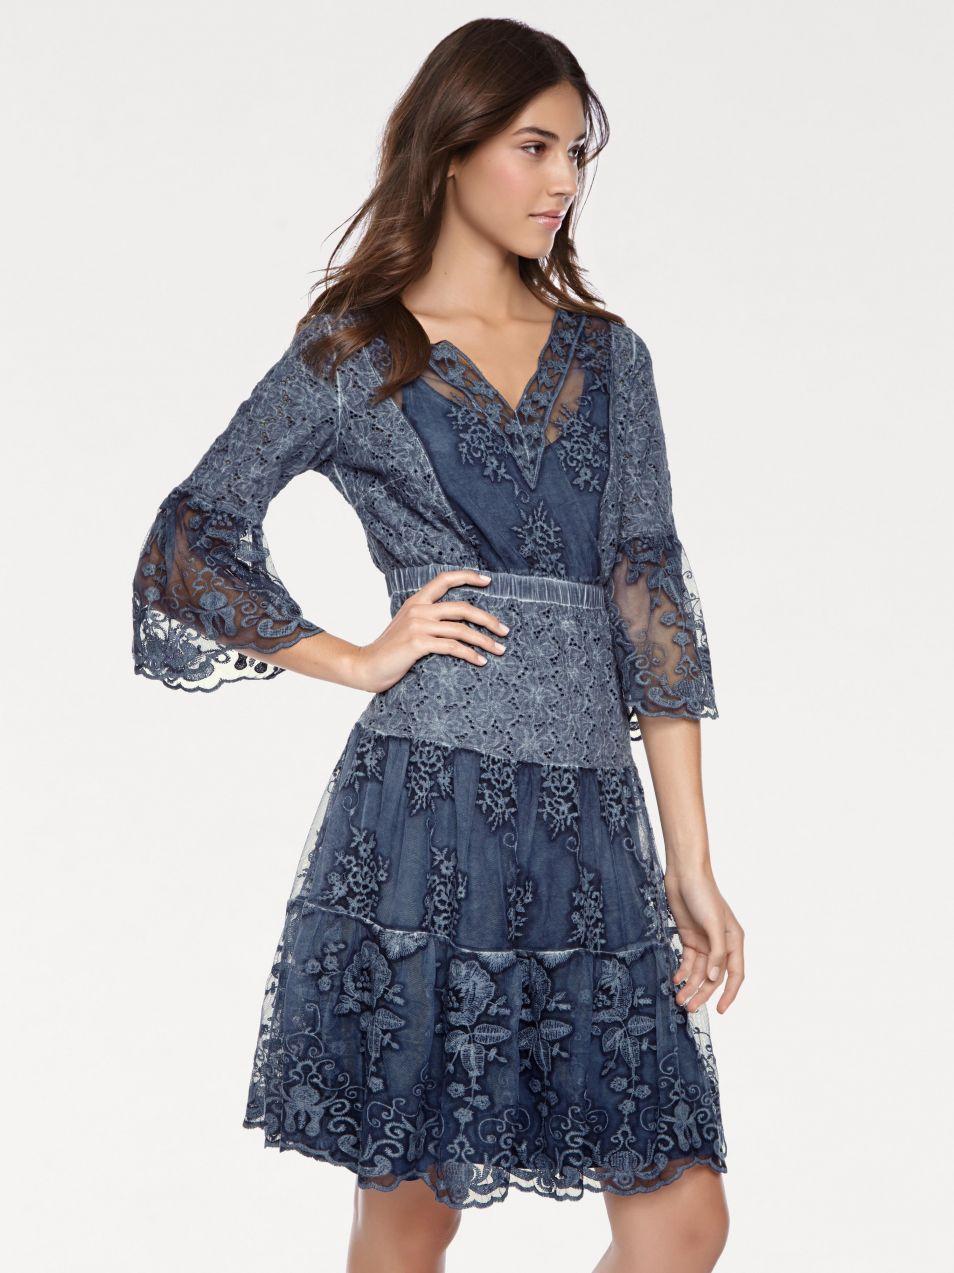 heine CASUAL Čipkované šaty heine značky HEINE - Lovely.sk 051d3e92ccf